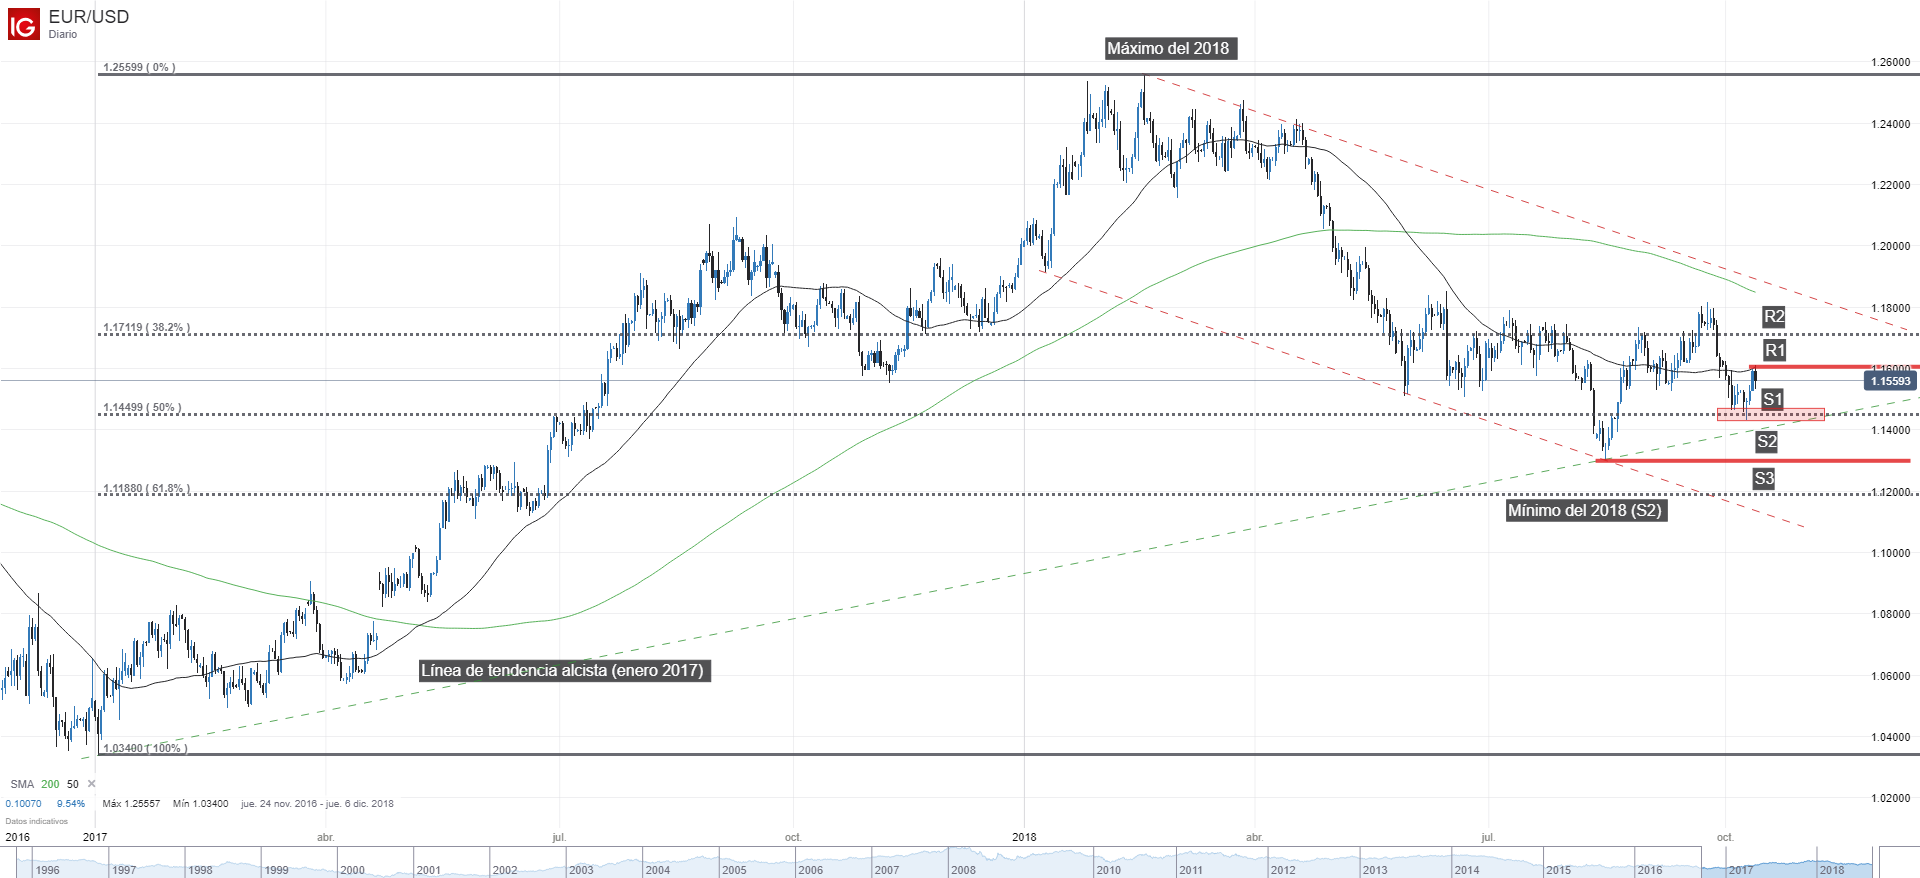 El futuro del euro sigue en entredicho. ¿Qué rumbo tomará el EUR/USD?